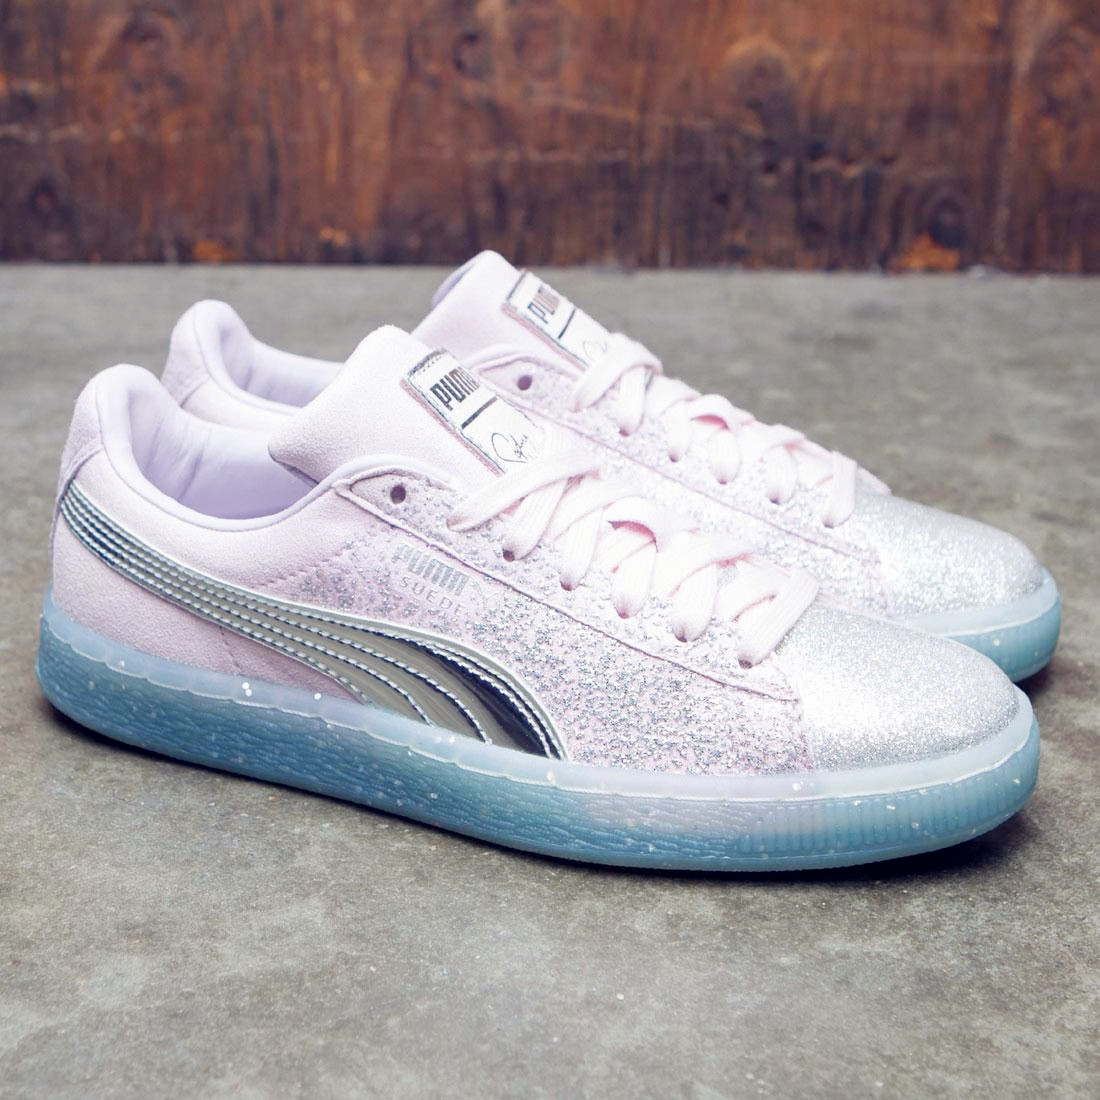 美��代�正品PUMA彪�R女鞋�名款��角�F水晶底粉色板鞋366128-01